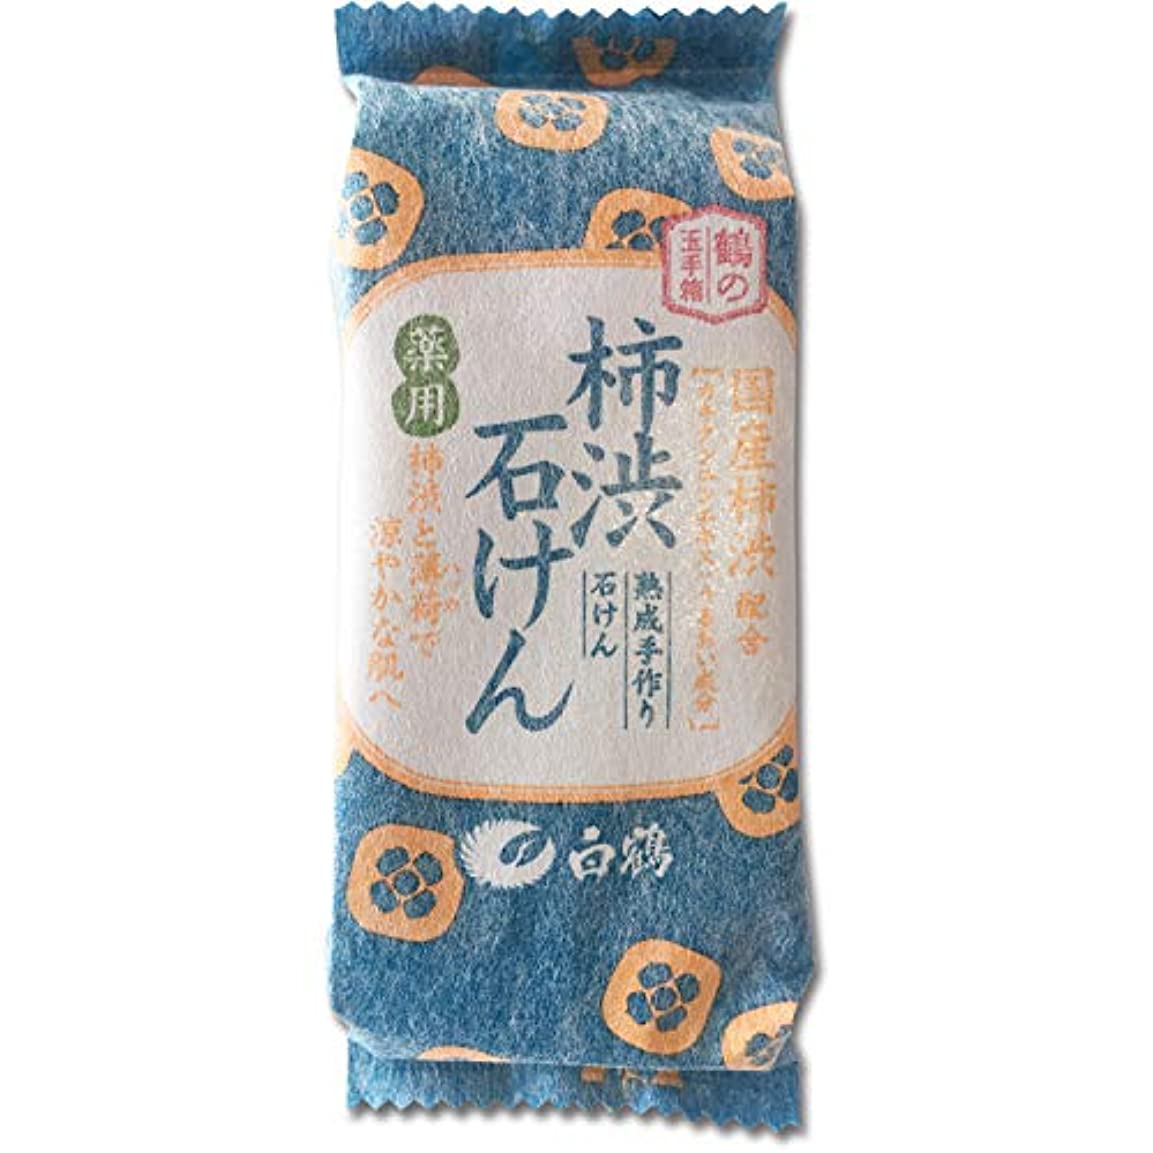 火山のかごブレース白鶴 鶴の玉手箱 薬用 柿渋石けん 110g (全身用石鹸)